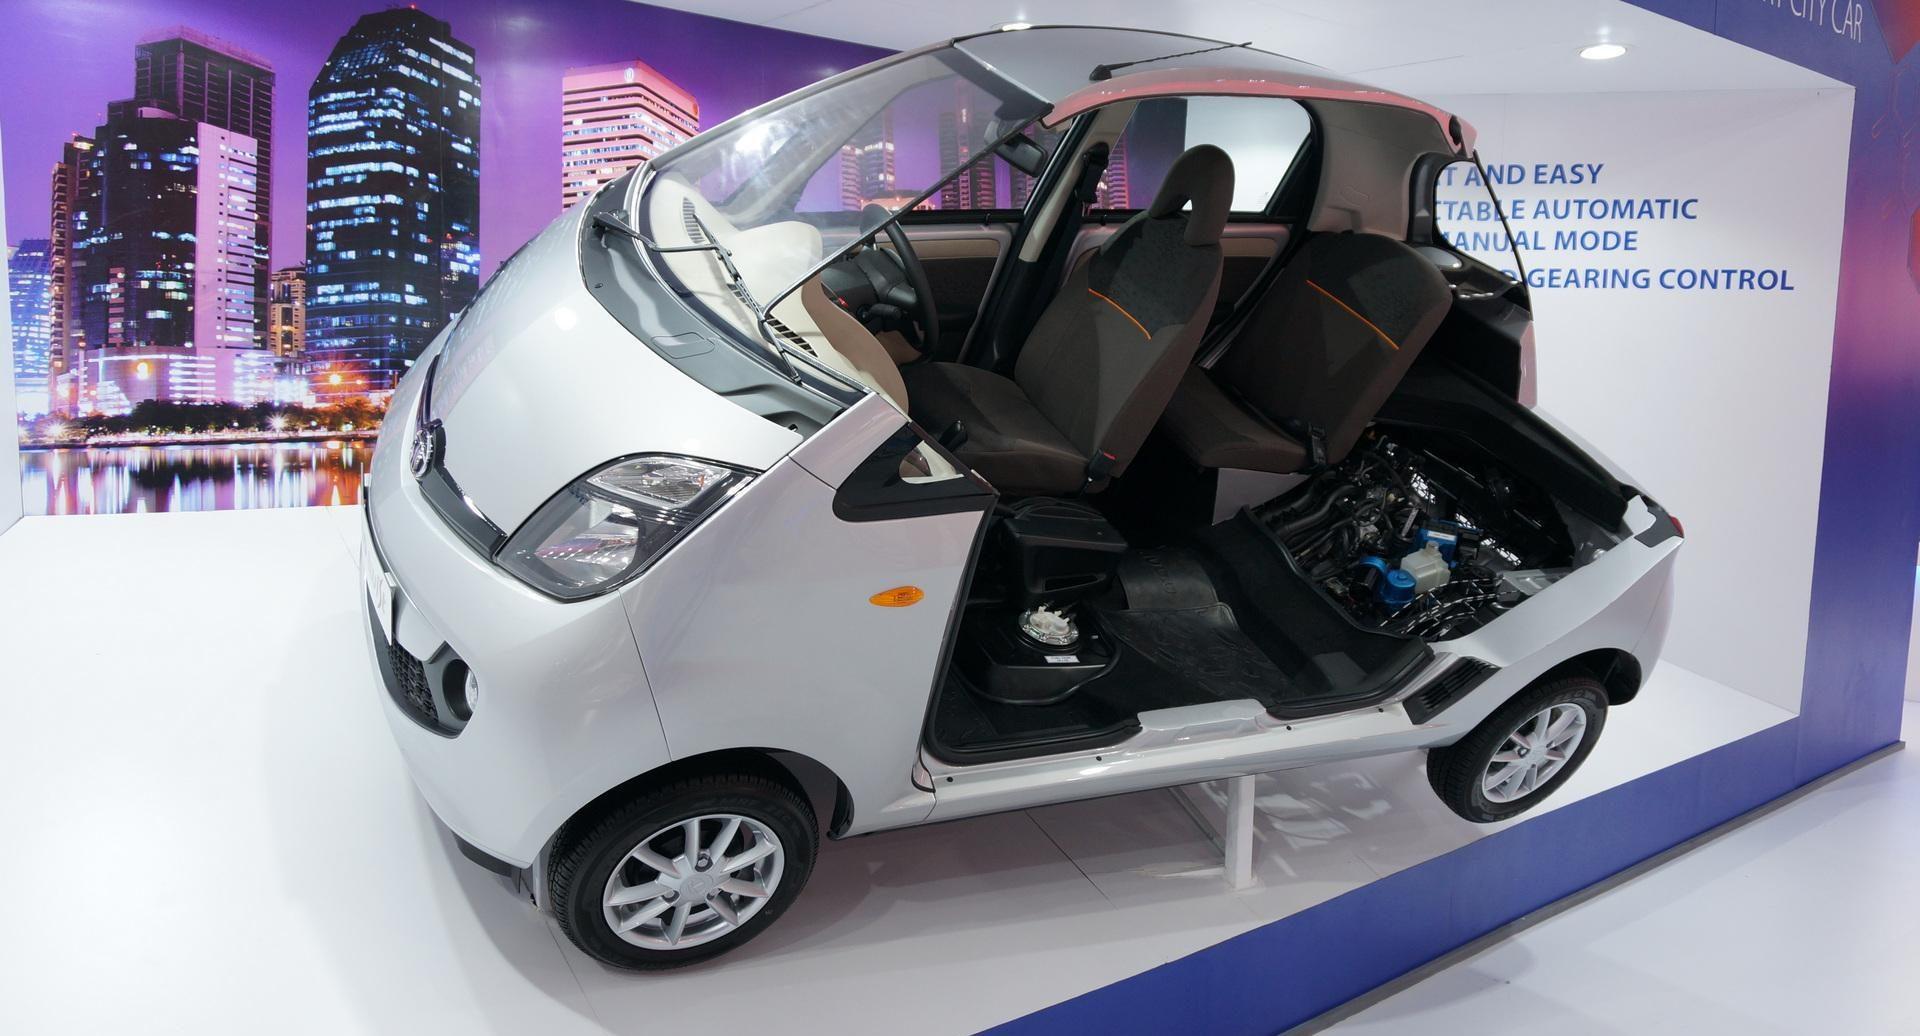 Auto più lente Tata nano spaccata